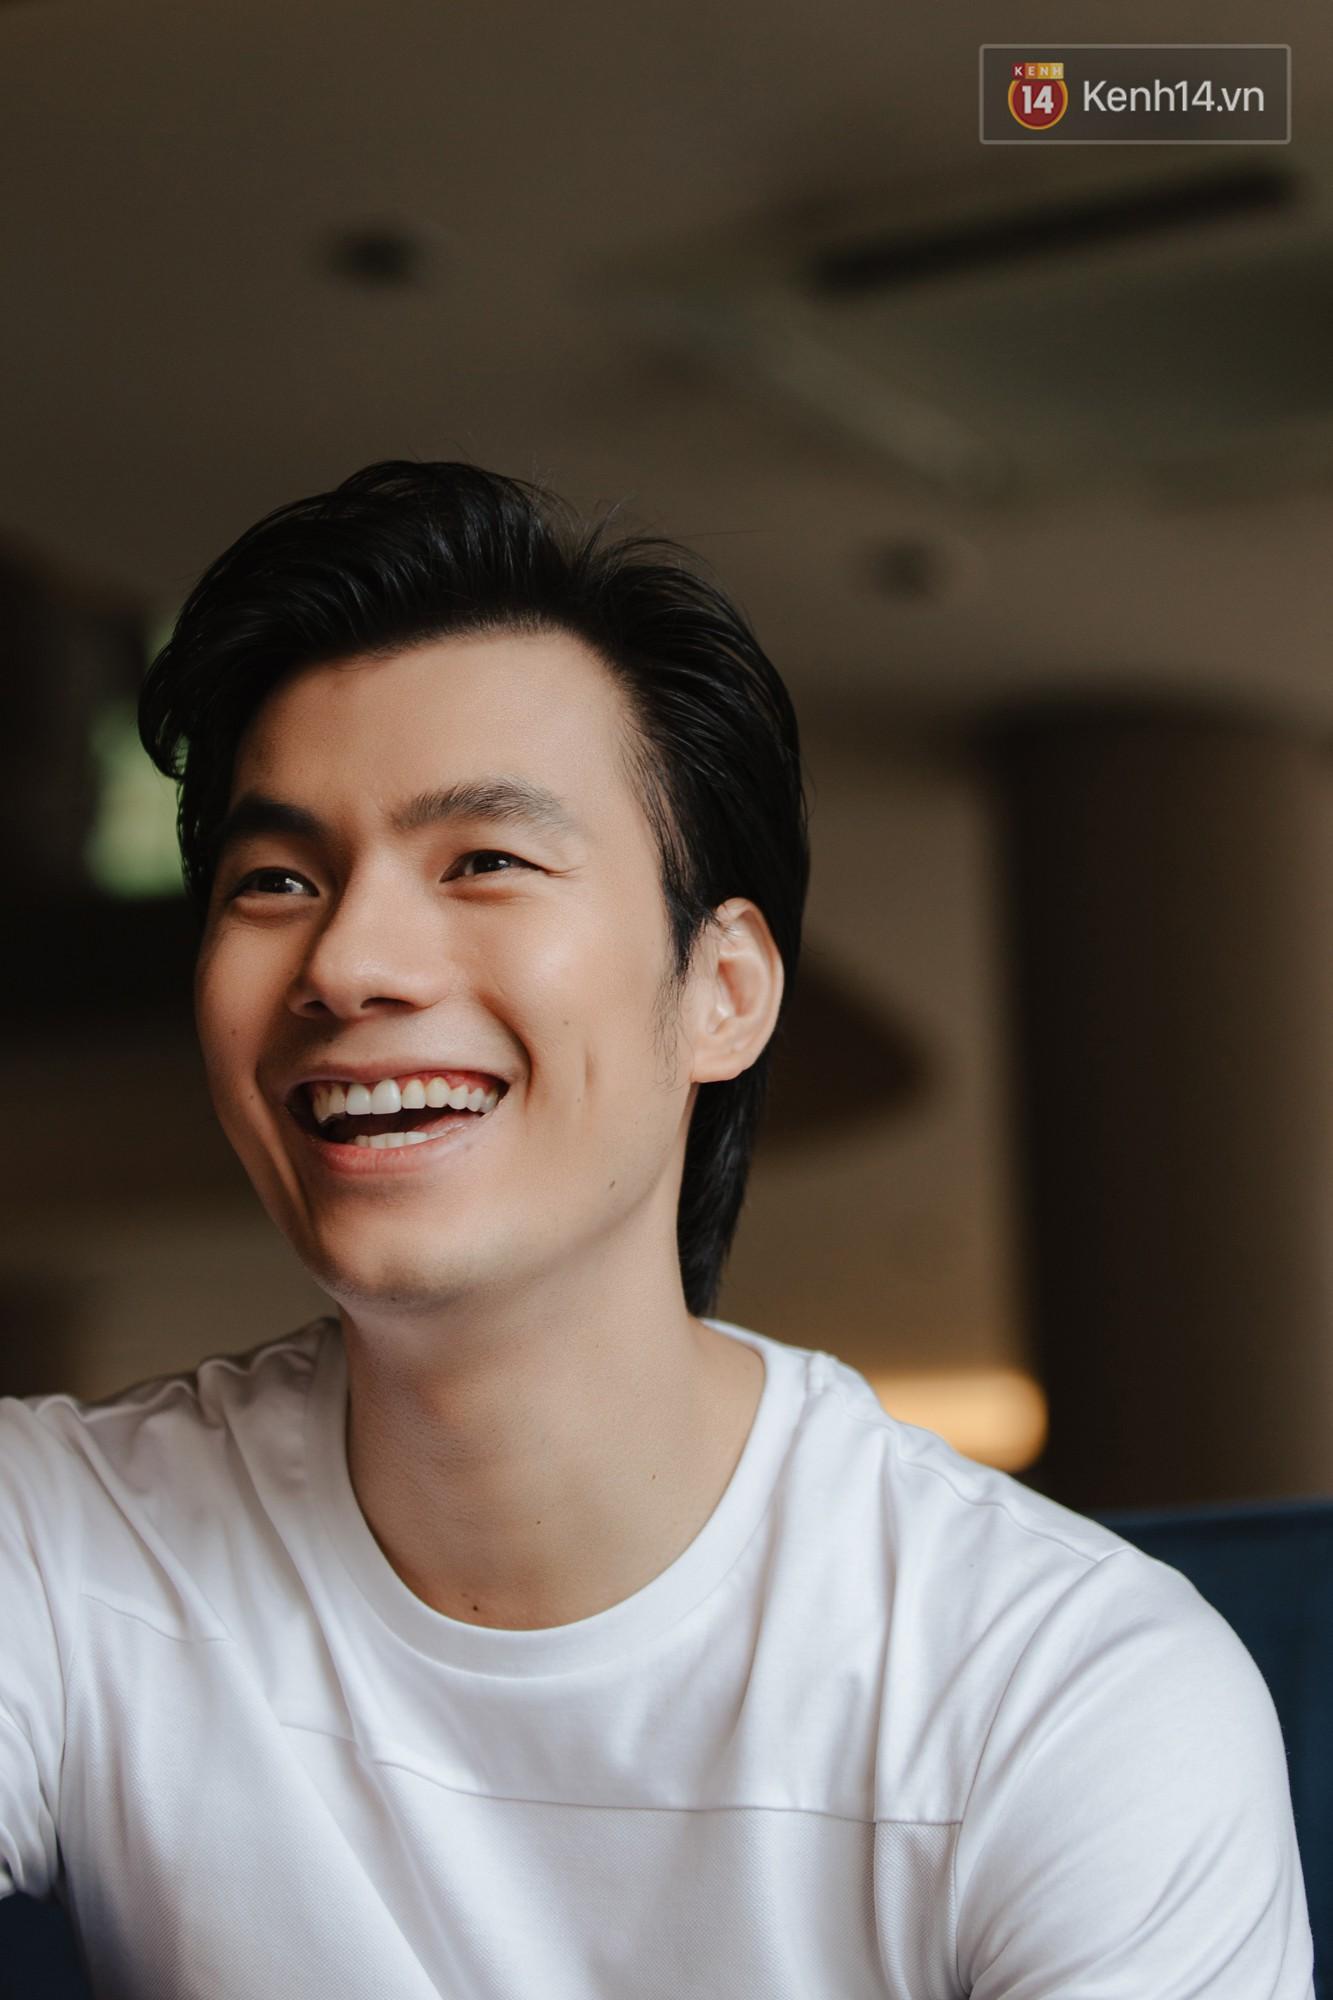 Nhan Phúc Vinh ám ảnh biến cố 10 năm với đạo diễn Nguyễn Quang Dũng: Tôi khóc như mưa ngay giữa quán nhậu - Ảnh 4.